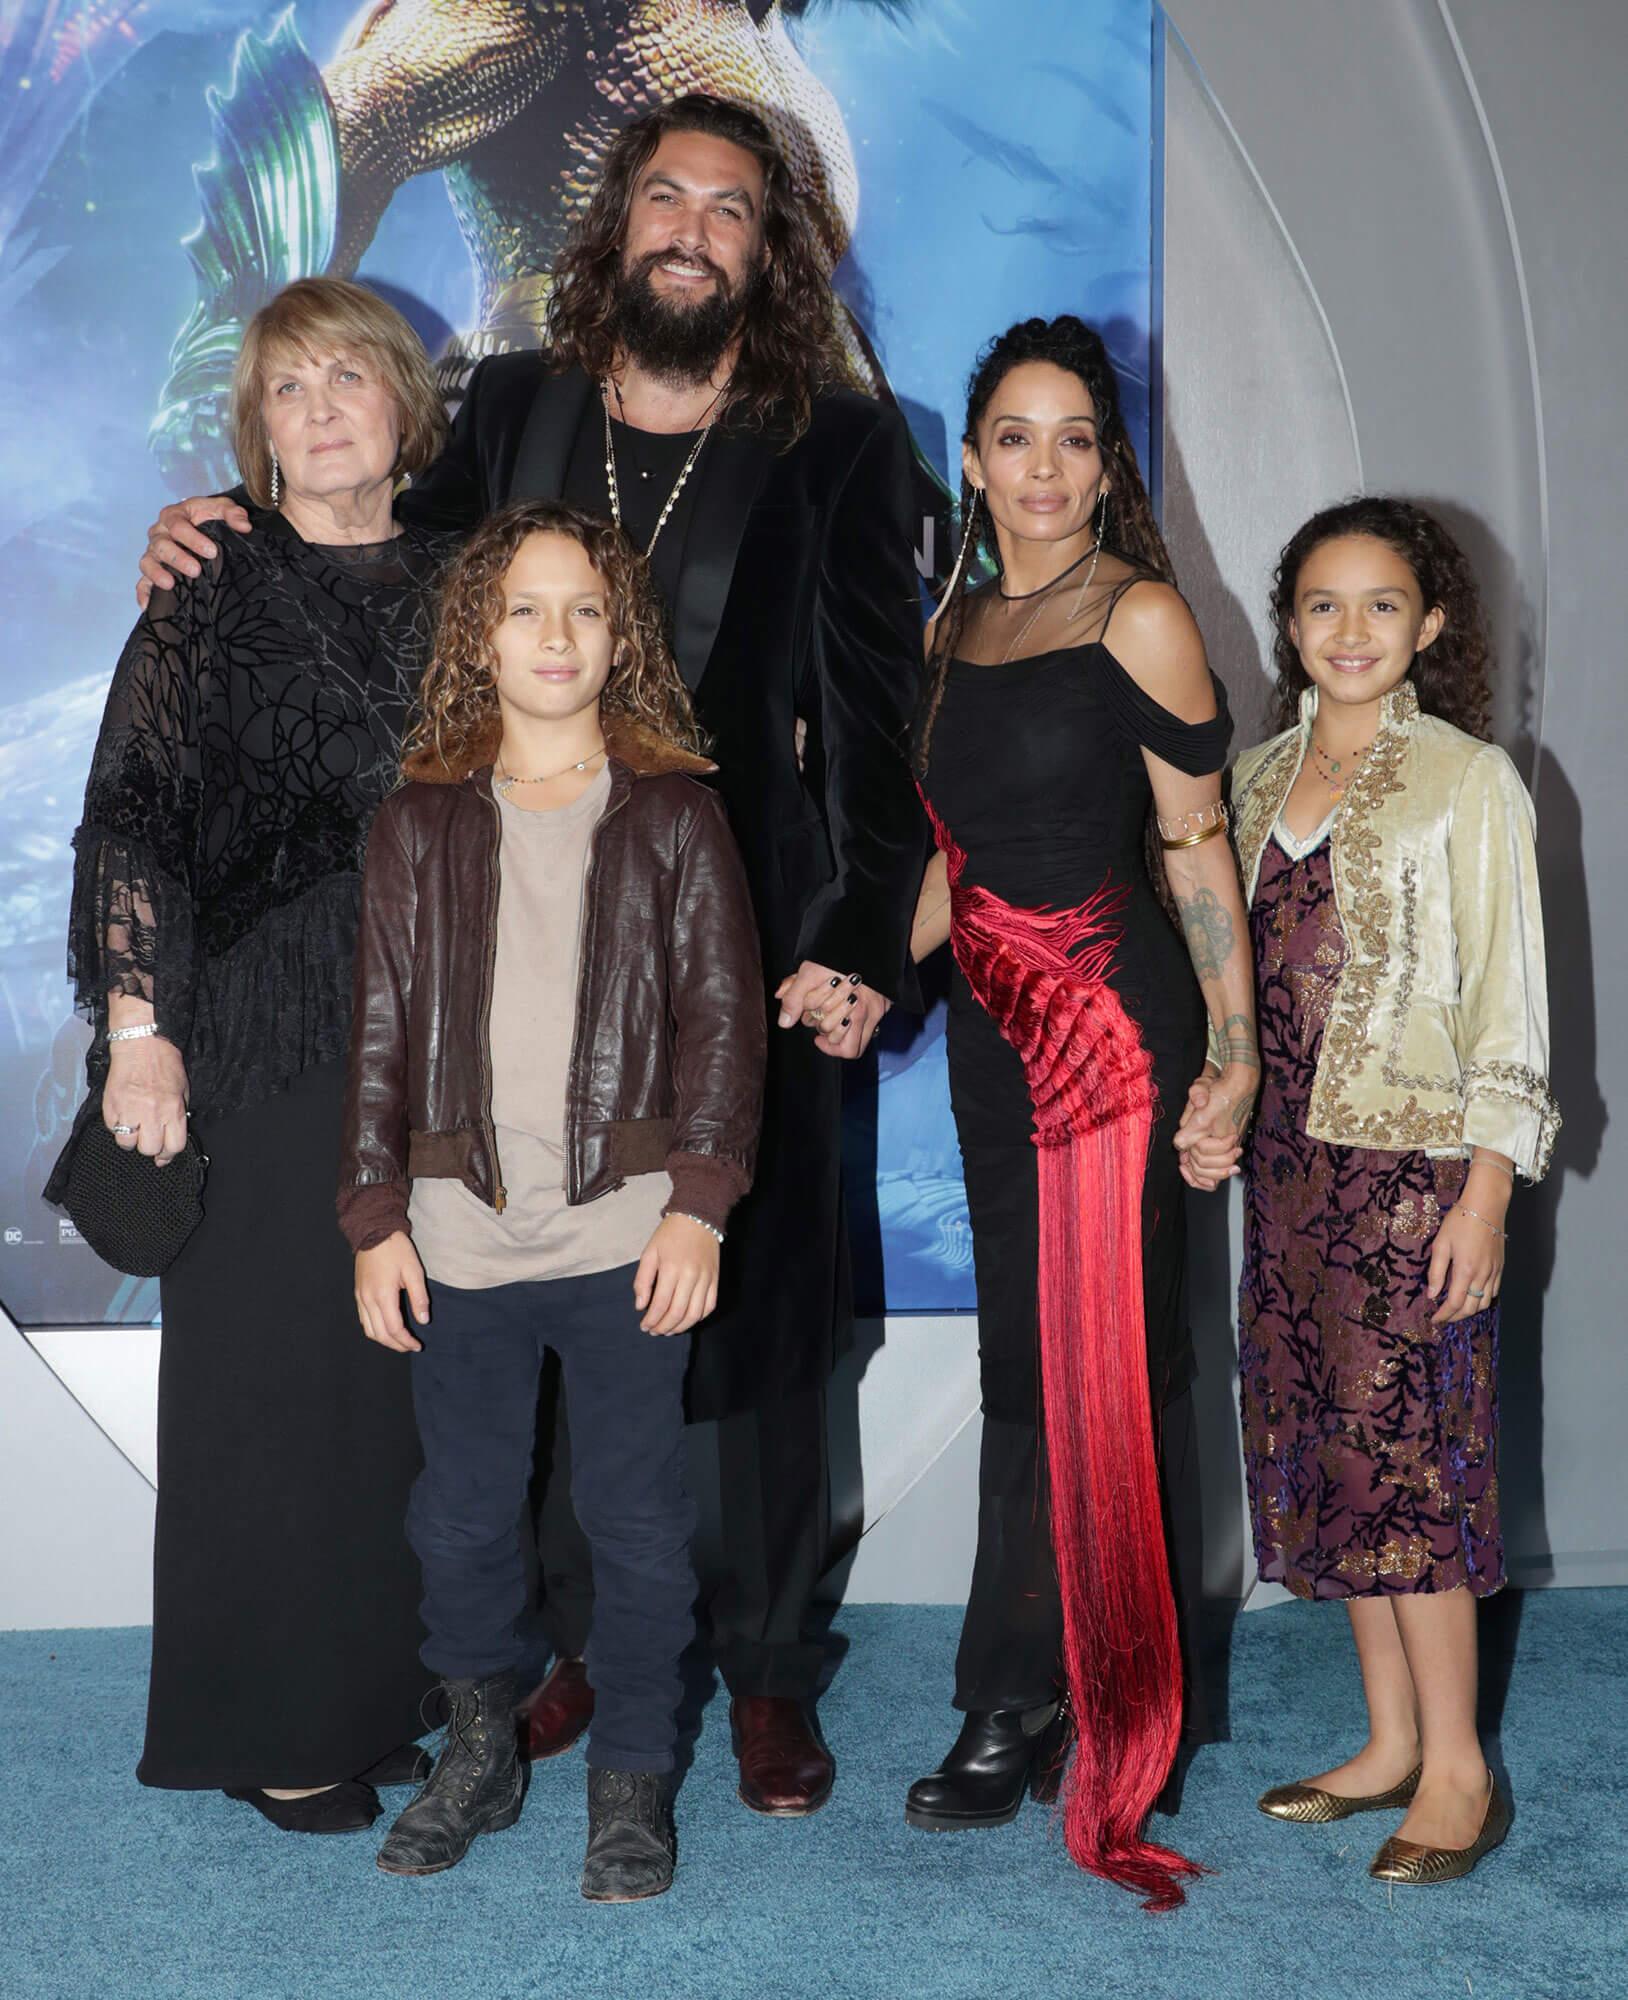 「水行俠」傑森摩莫亞與愛妻麗莎波奈及家人合影。